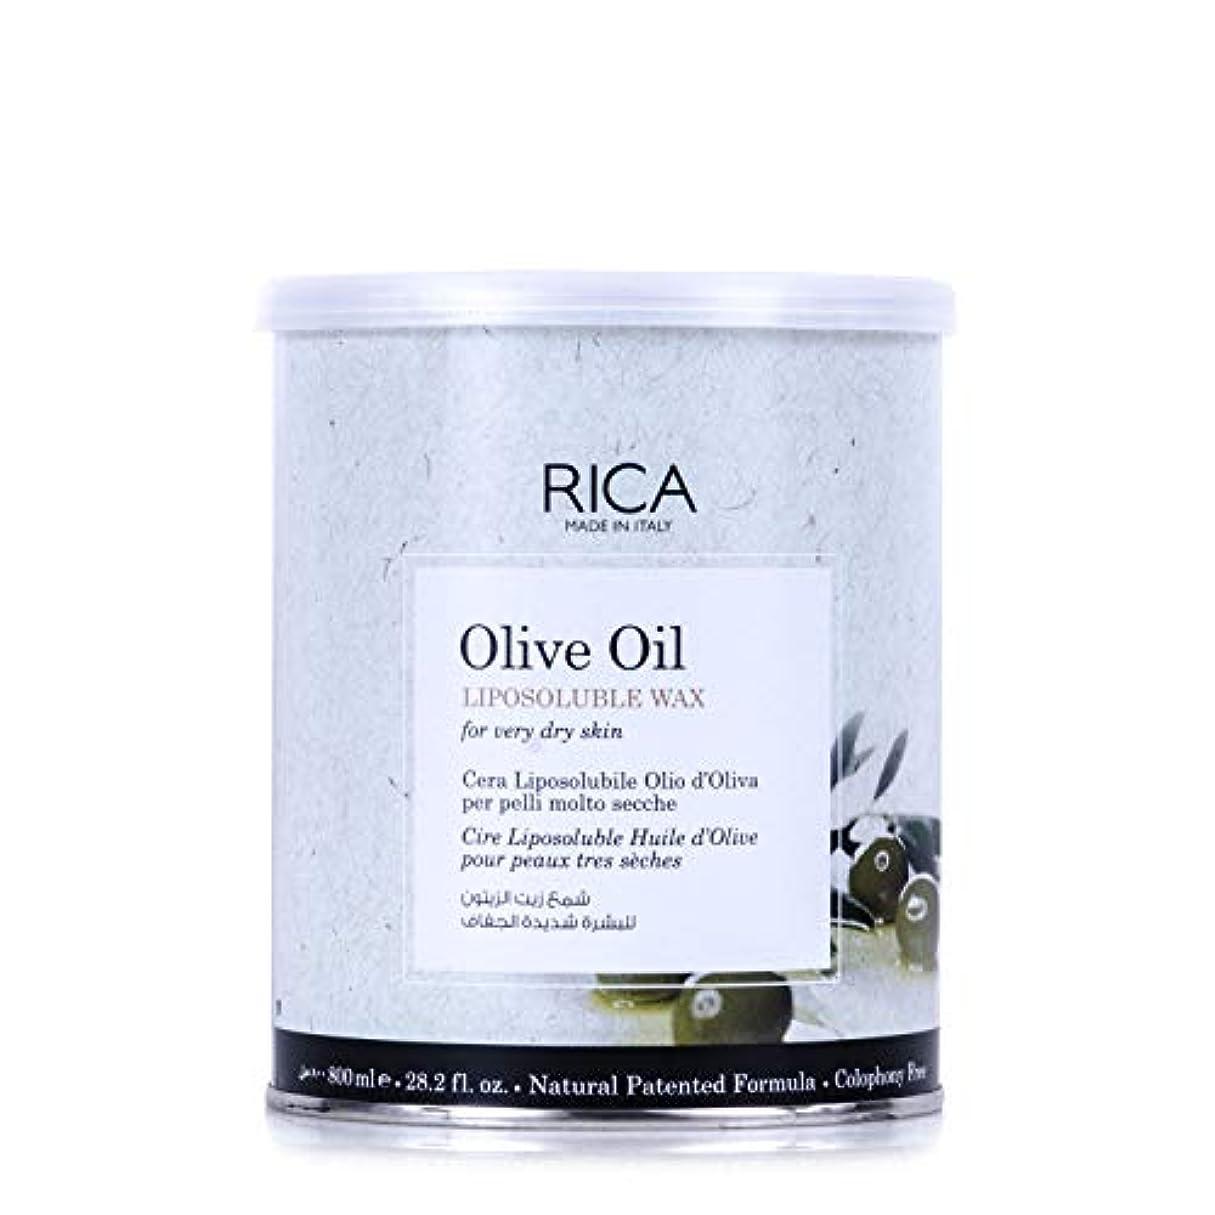 摂氏好き彼自身RICA リポソルブルワックス OLO(オリーブオイル) 800mL ワックス脱毛 Olive Oil LIPOSOLUBLE WAX for very dry skin リカ